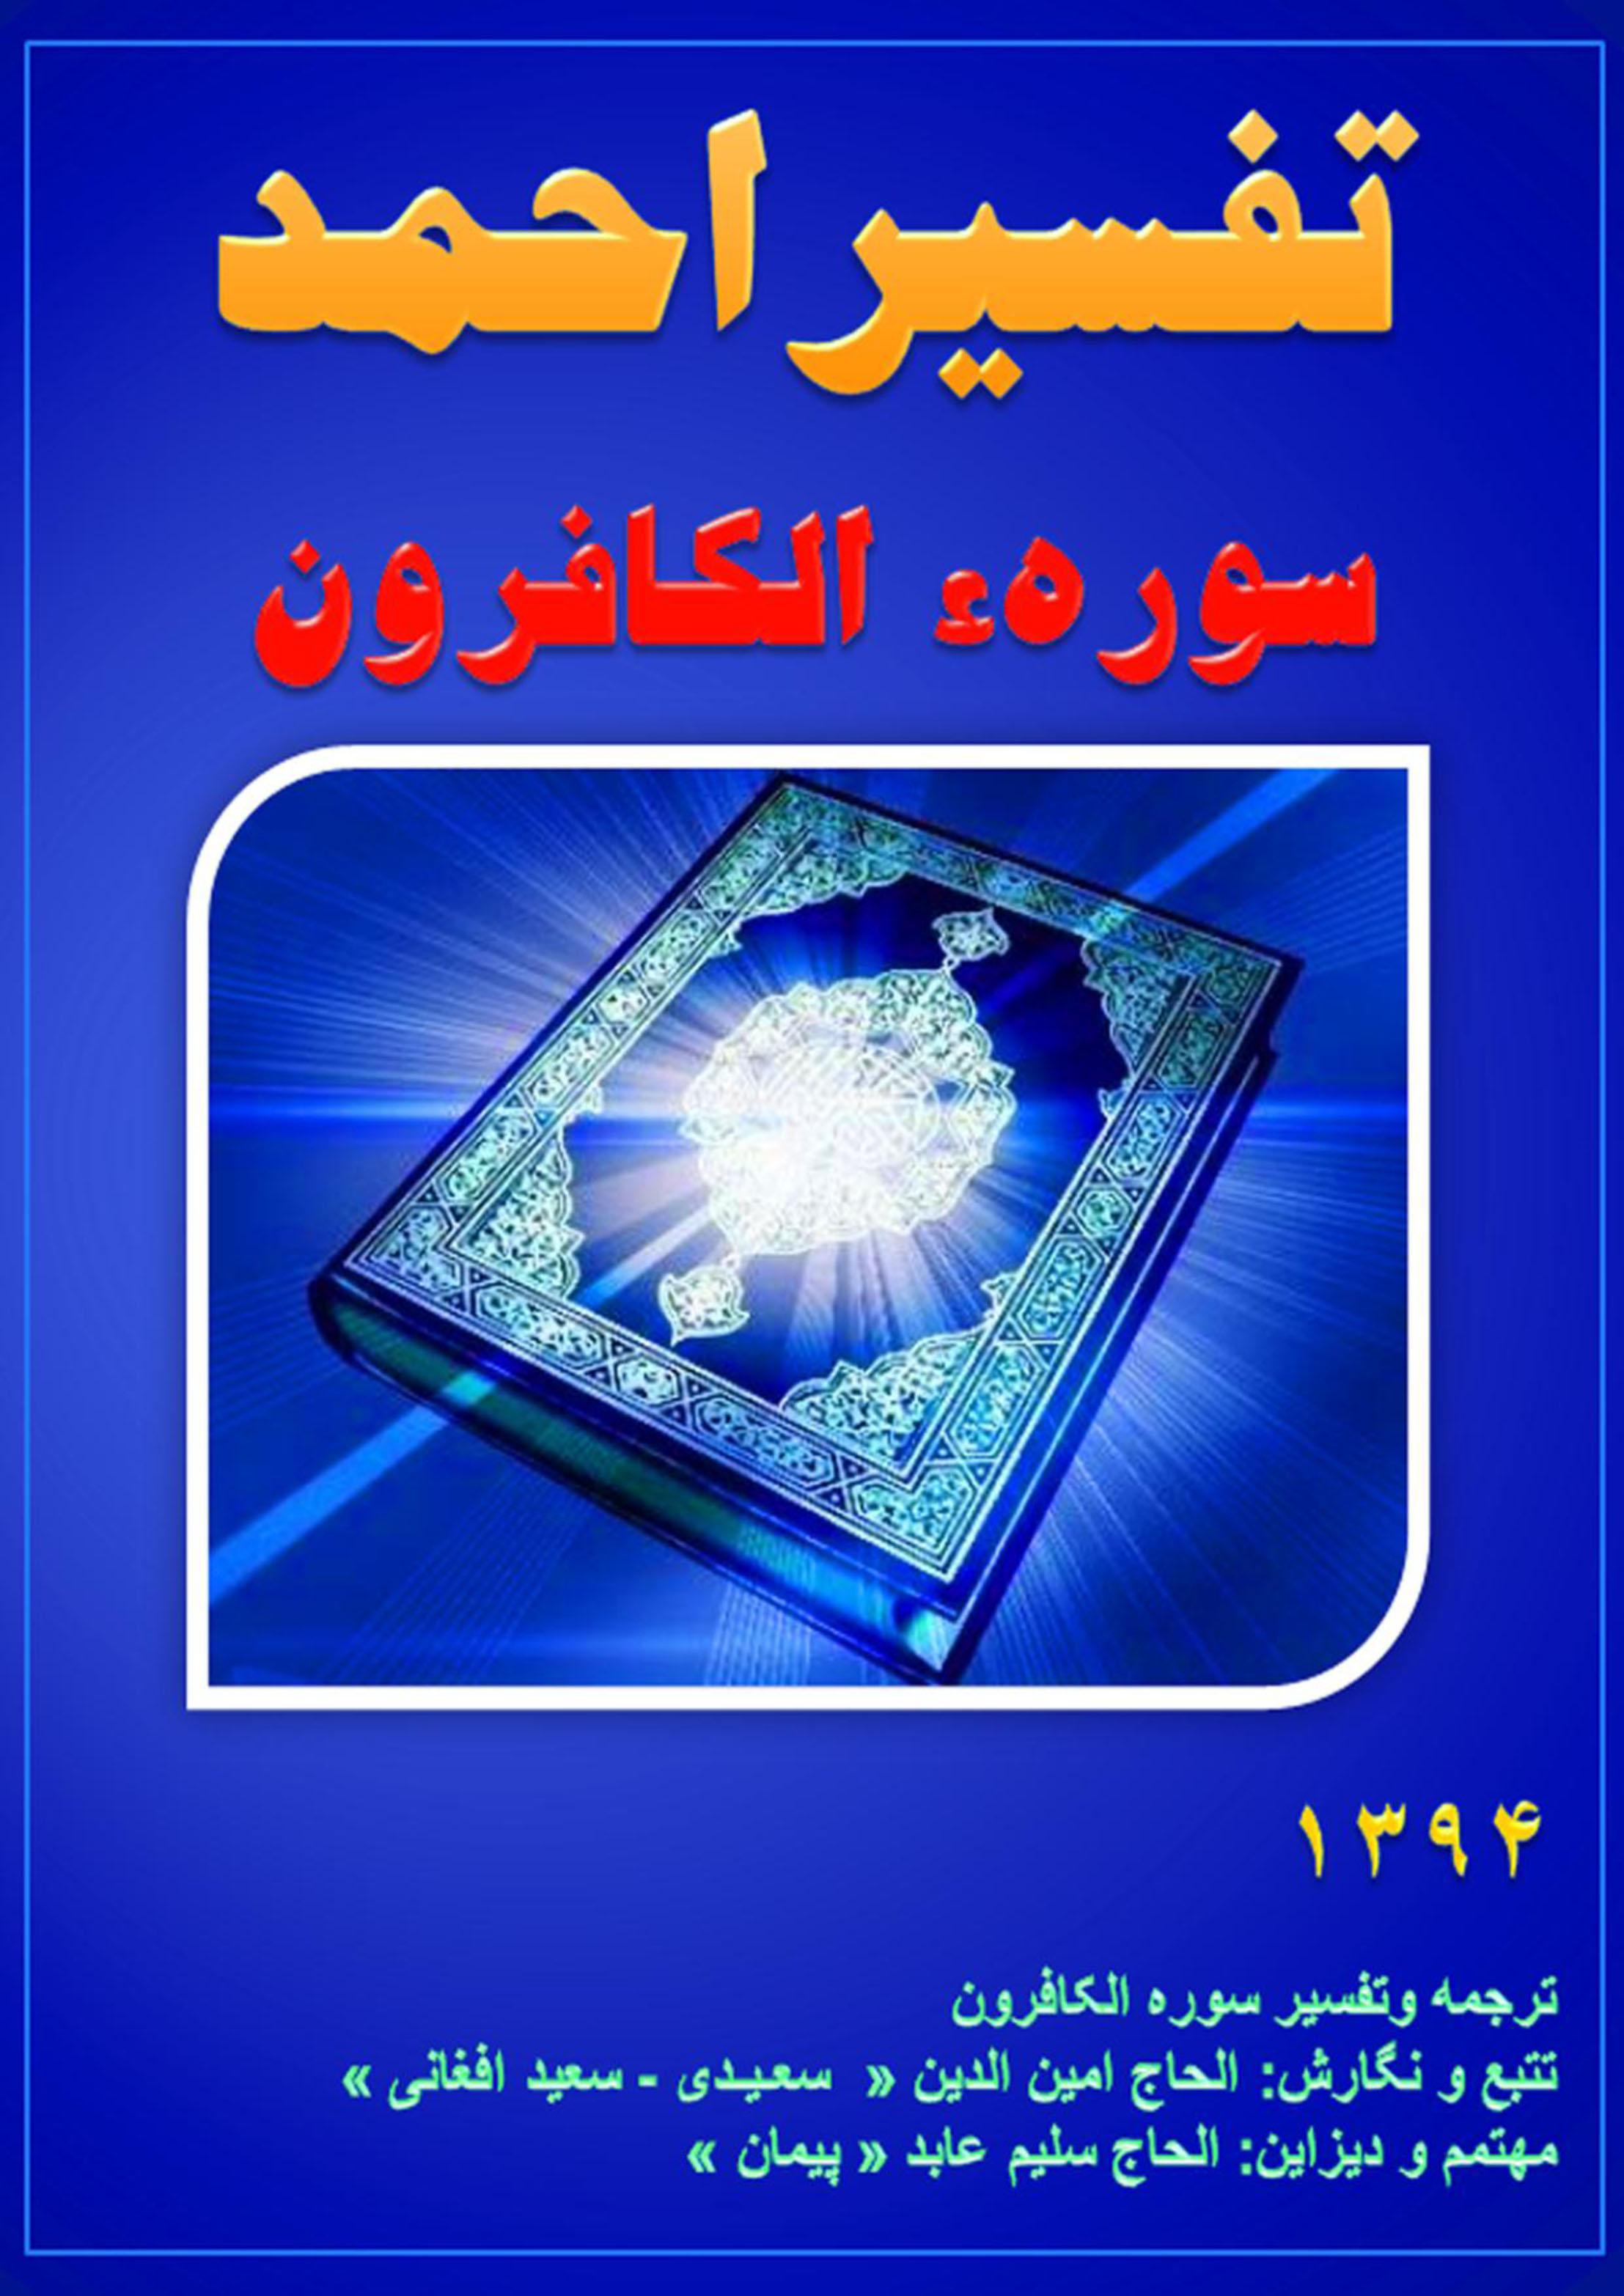 تفسیر احمد سوره کافرون